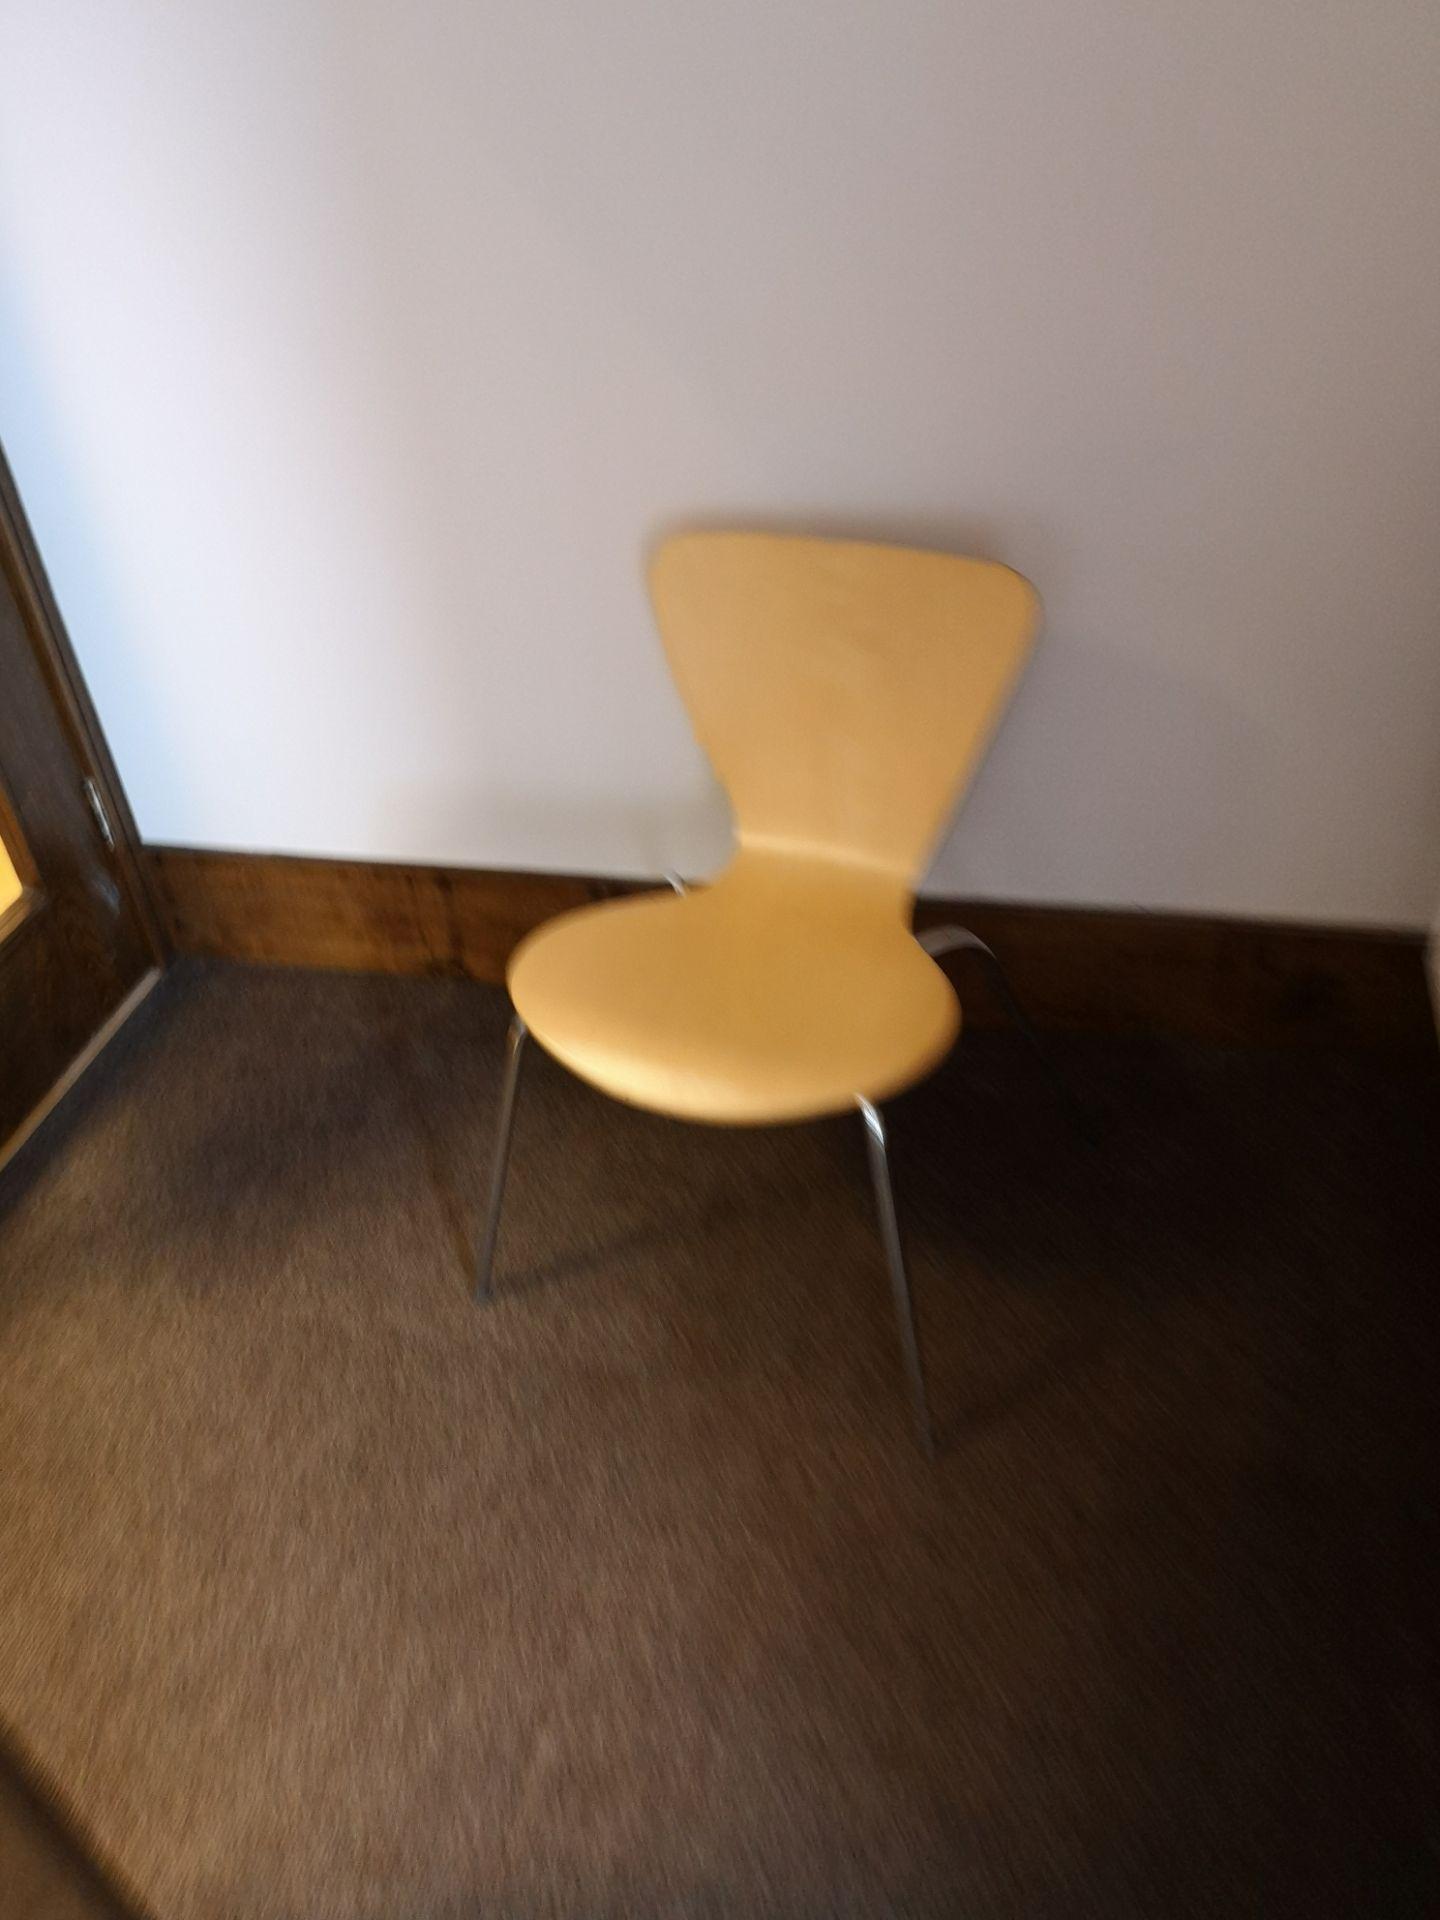 Lot 656 - Furniture Contents of Room, including light oak ve